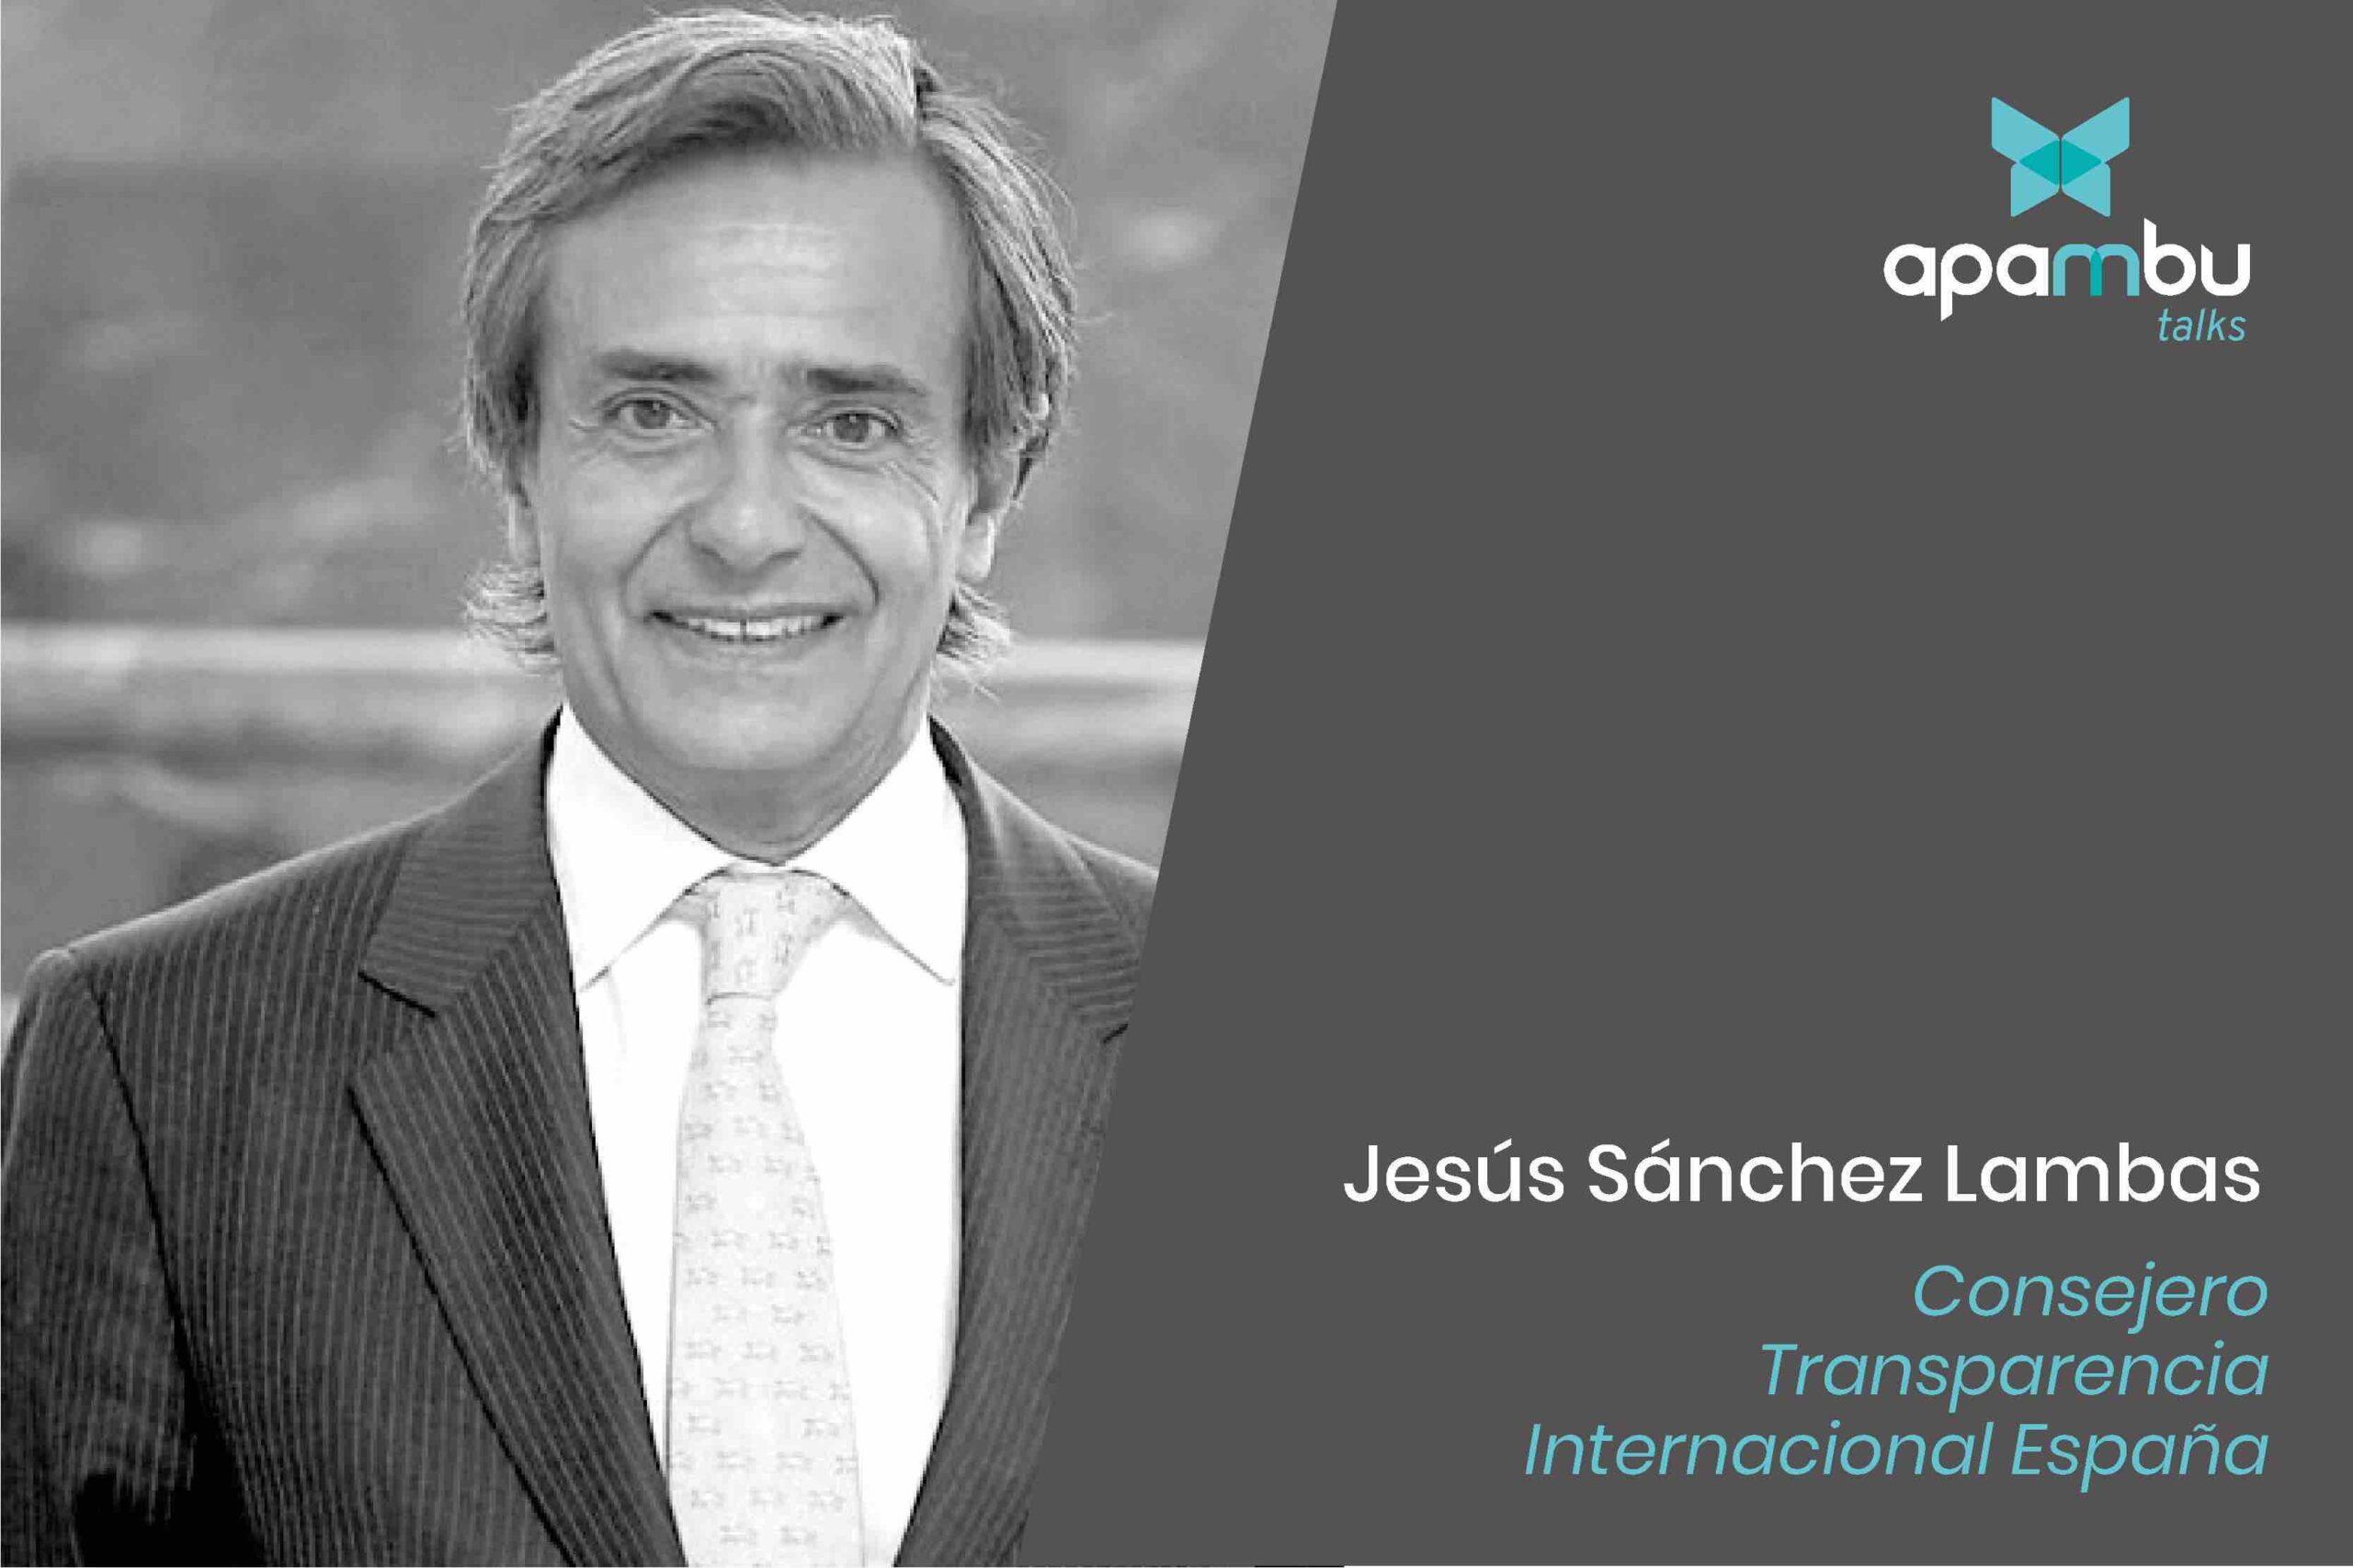 Apambu Talks. Entrevista a Jesús Sánchez Ñambas sobre la transparencia de las empresas